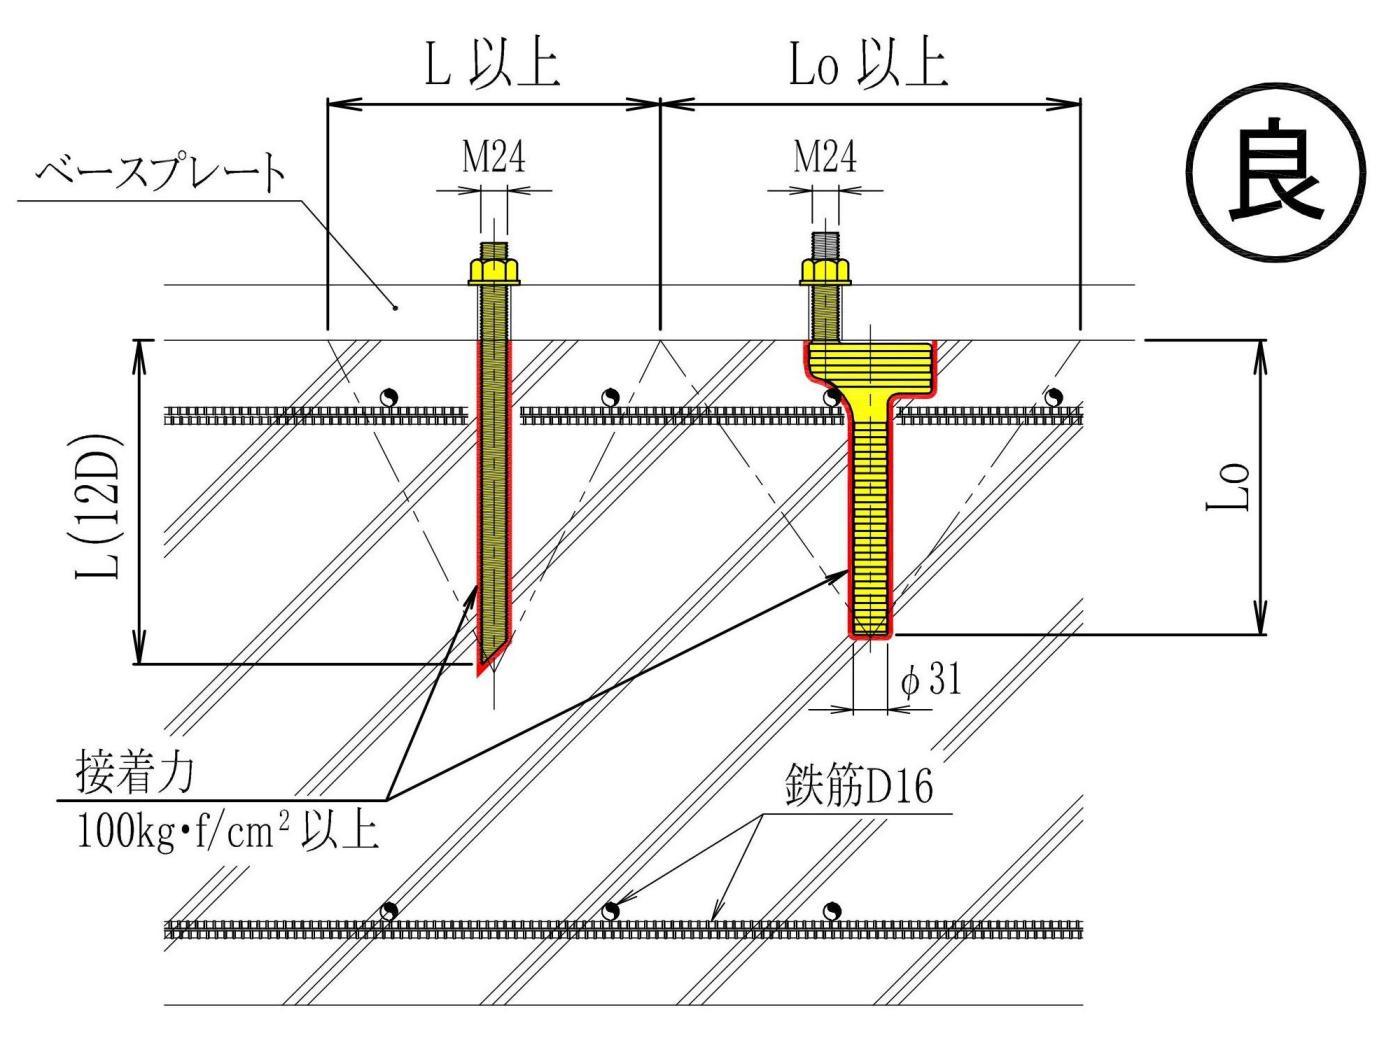 イナズマアンカー   耐震補強工事、あと施工アンカー、イナズマアンカー